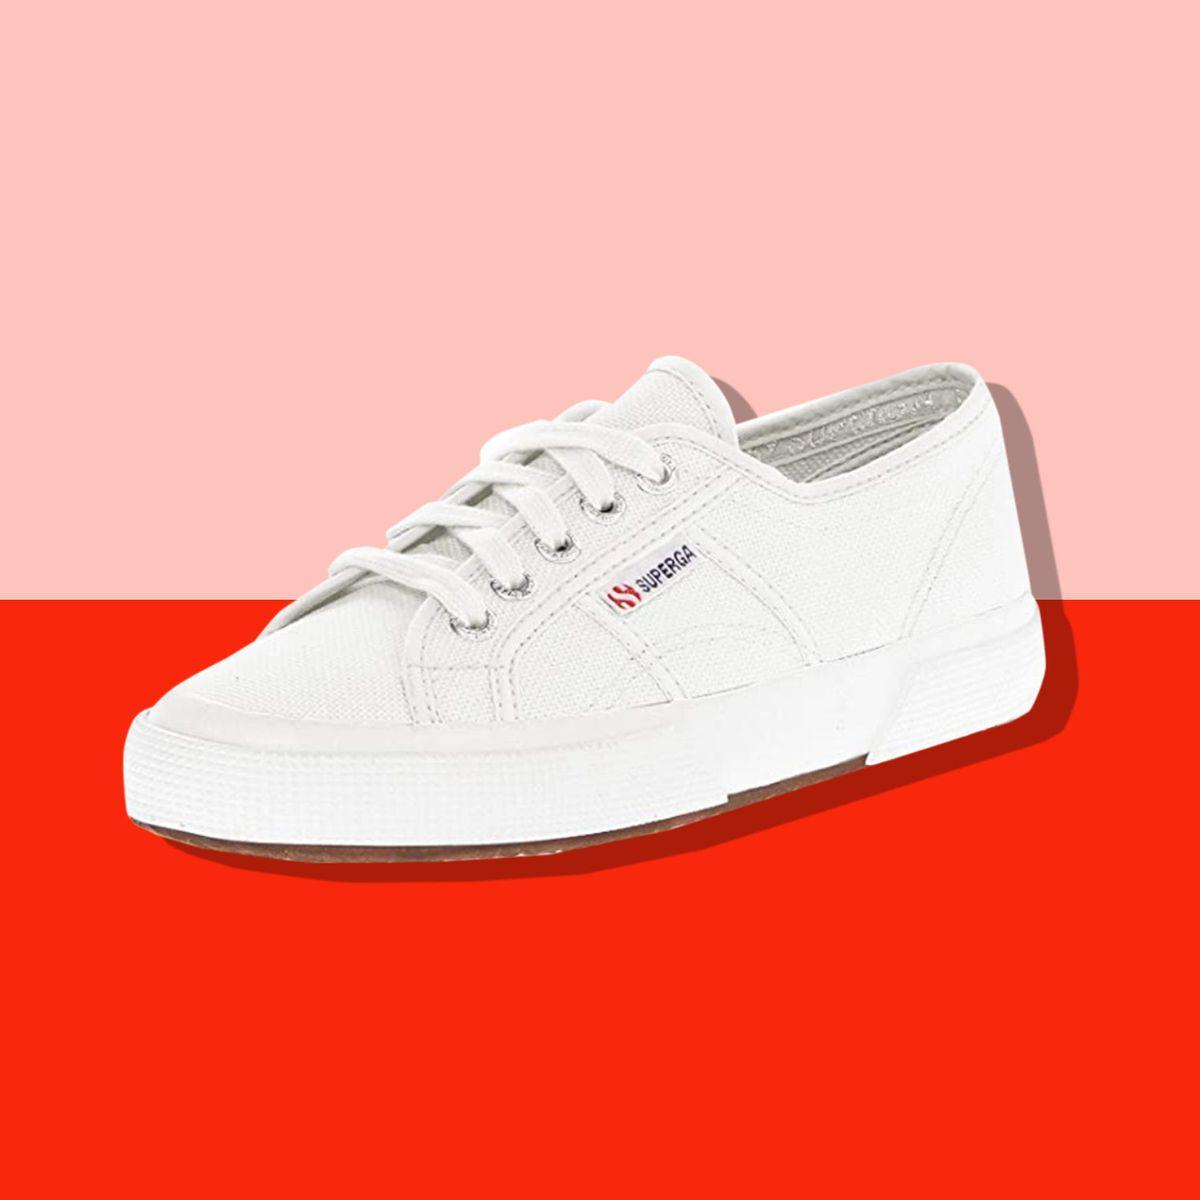 Superga Cotu Classic Sneaker Sale 2020